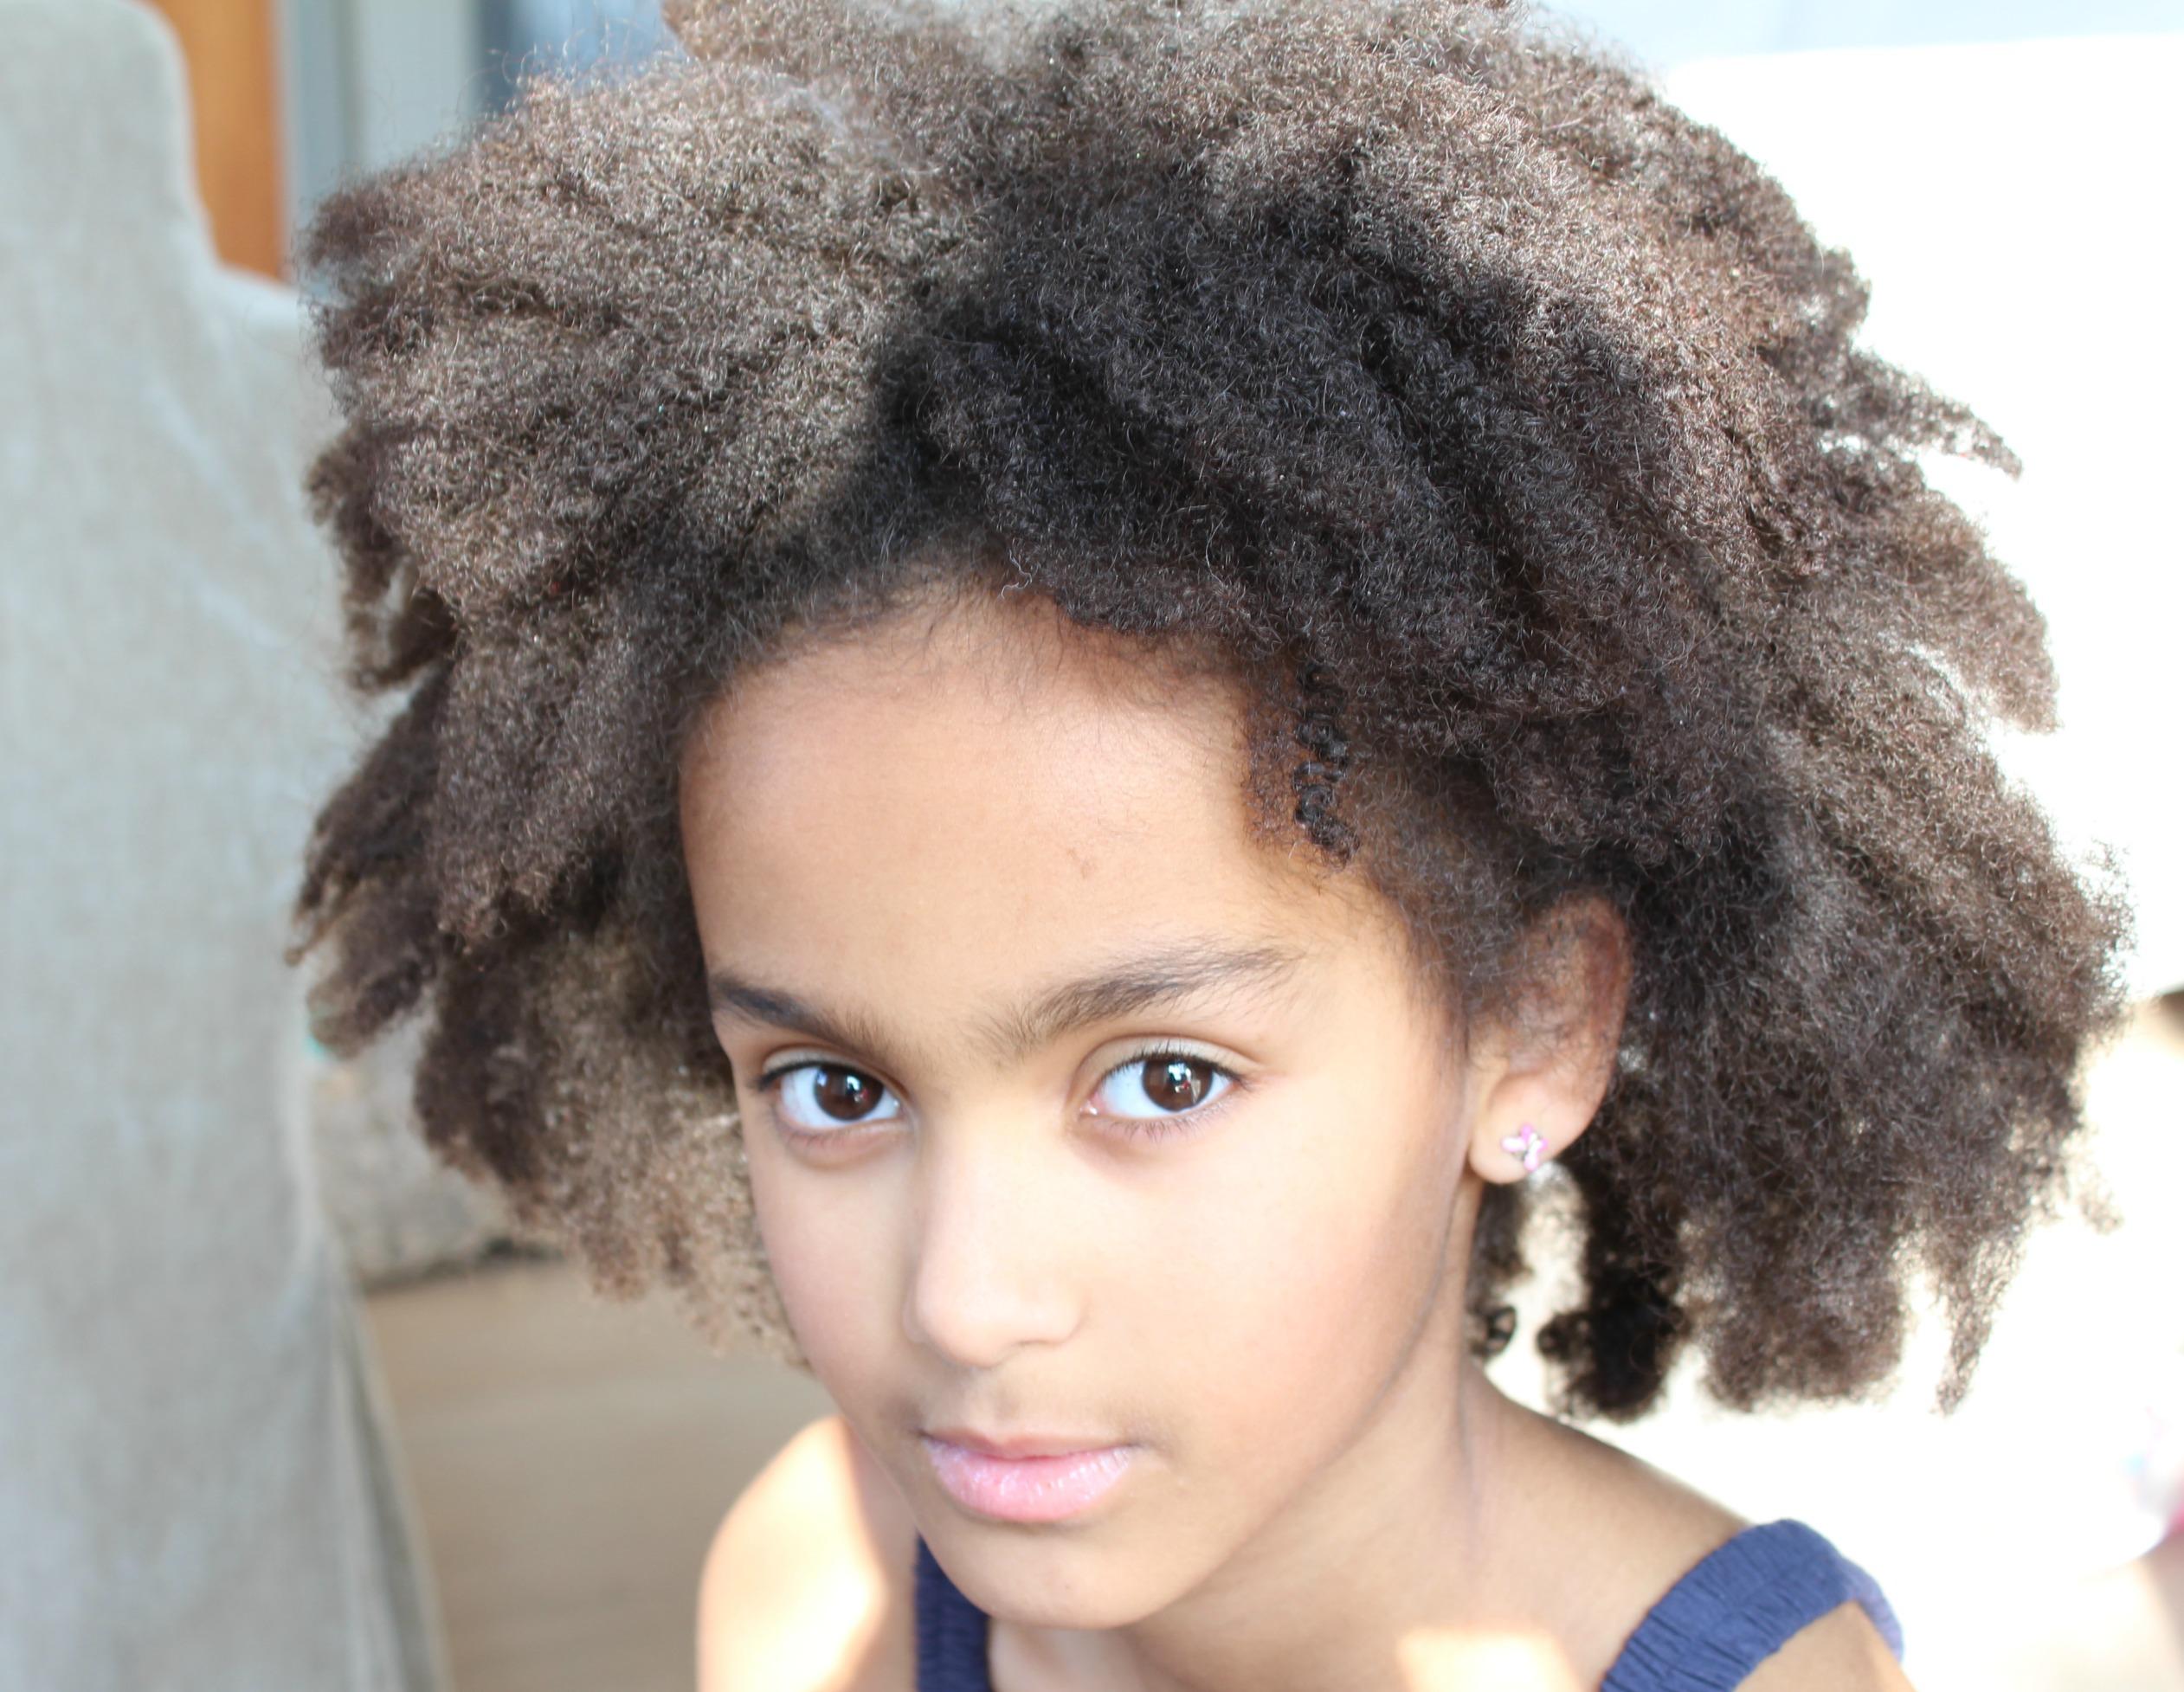 mijn kind wordt gepest om haar huidskleur-pesten-pestgedrag-GoodGirlsCompany